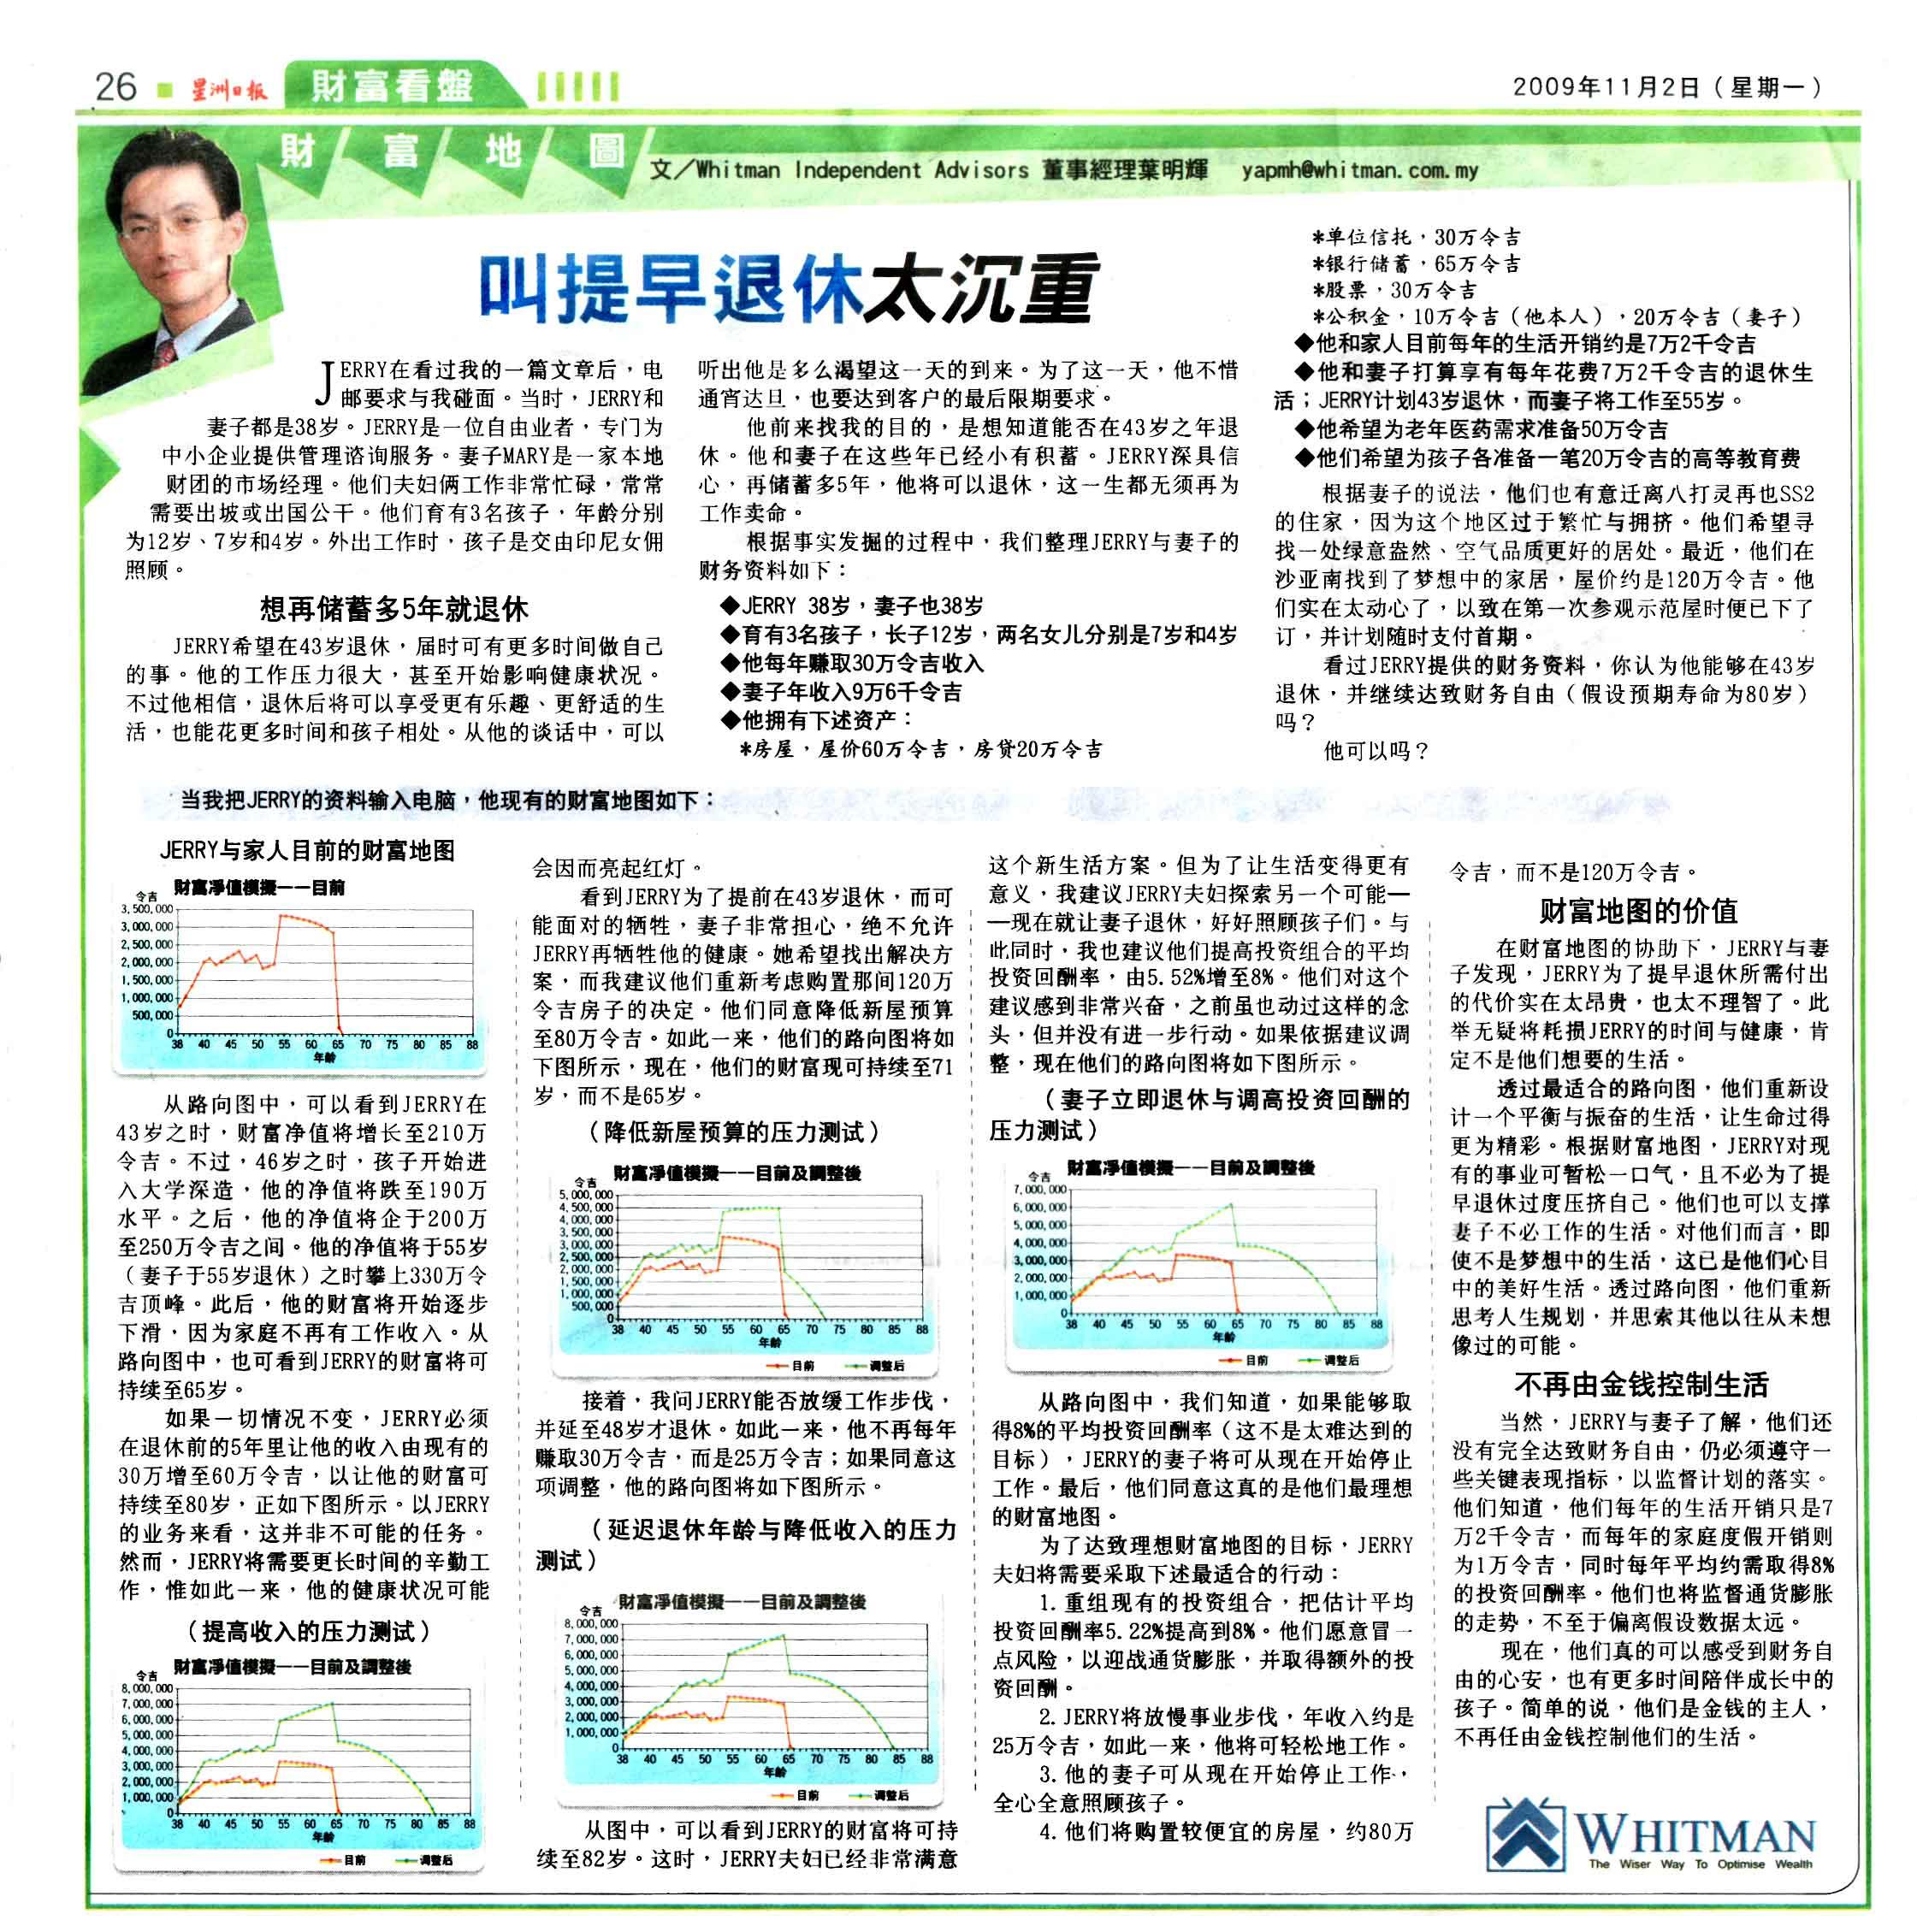 叫提早退休太沉重(星洲日报) - 02 Nov 2009